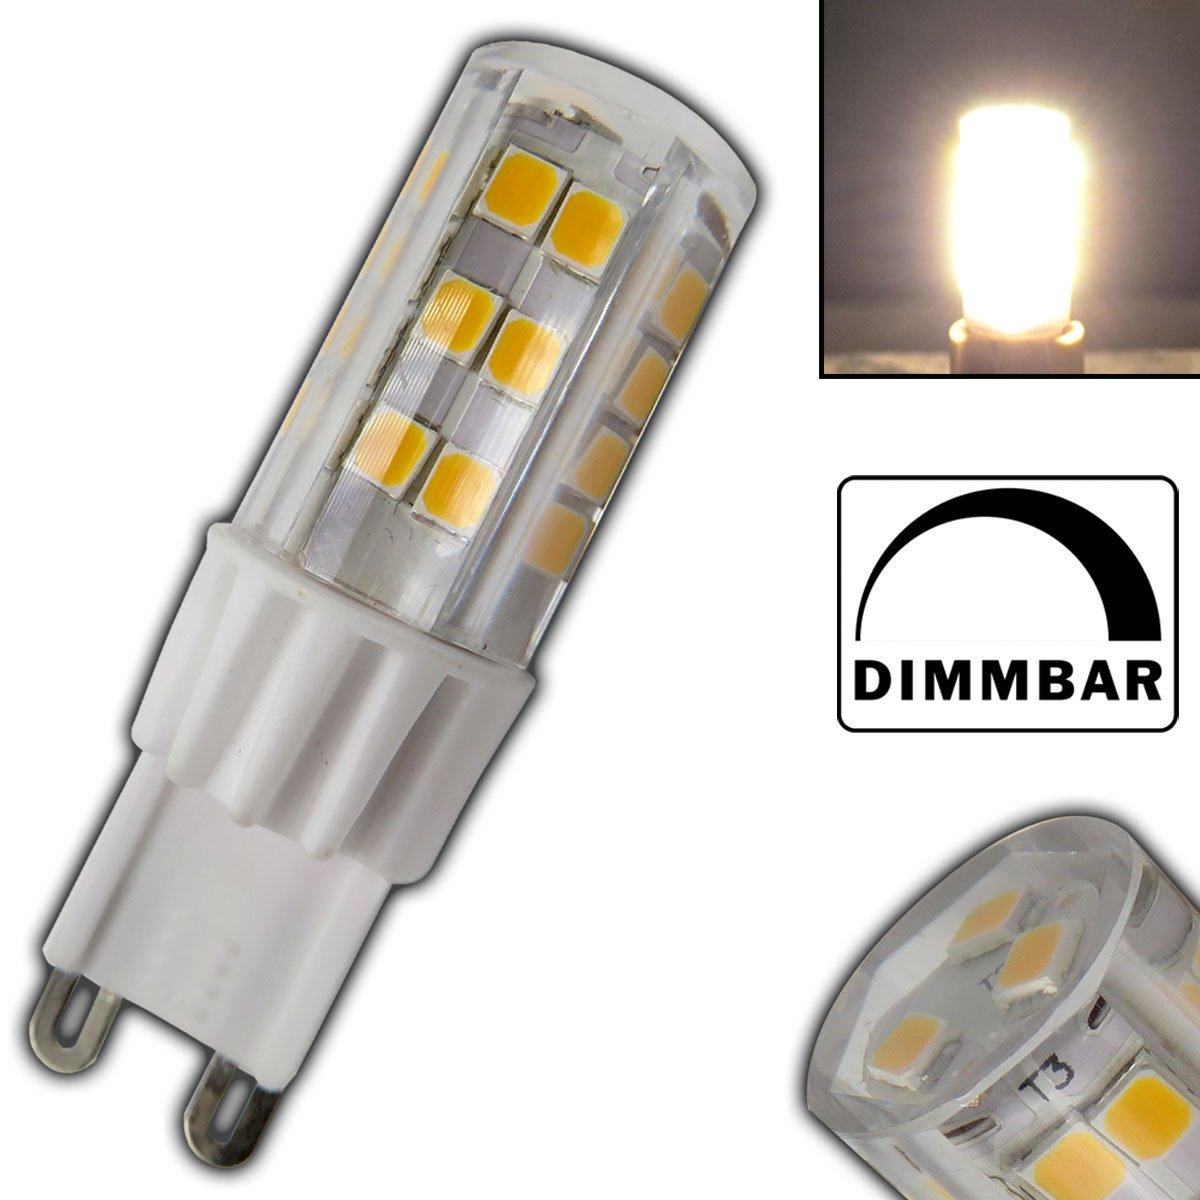 G9 LED Leuchtmittel 5 Watt 51SMD dimmbar Keramik warmweiß(für Dimmer ...